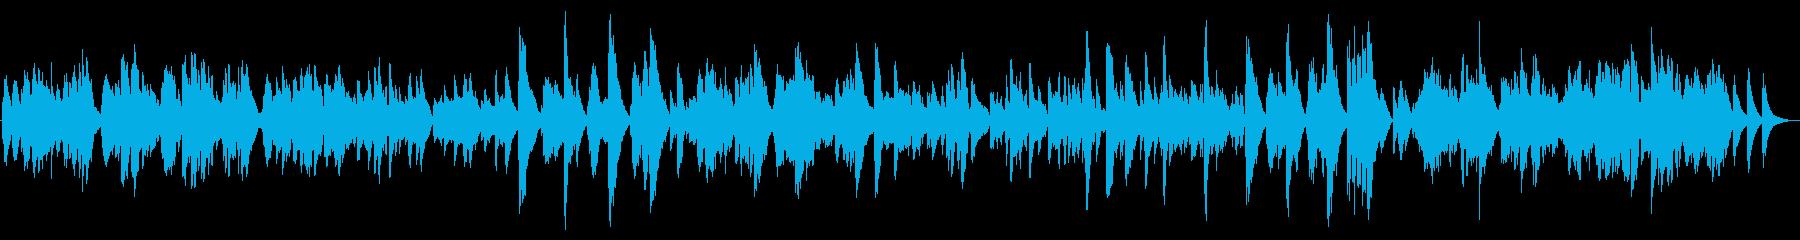 シシリエンヌ/フォーレ (チェロ)の再生済みの波形